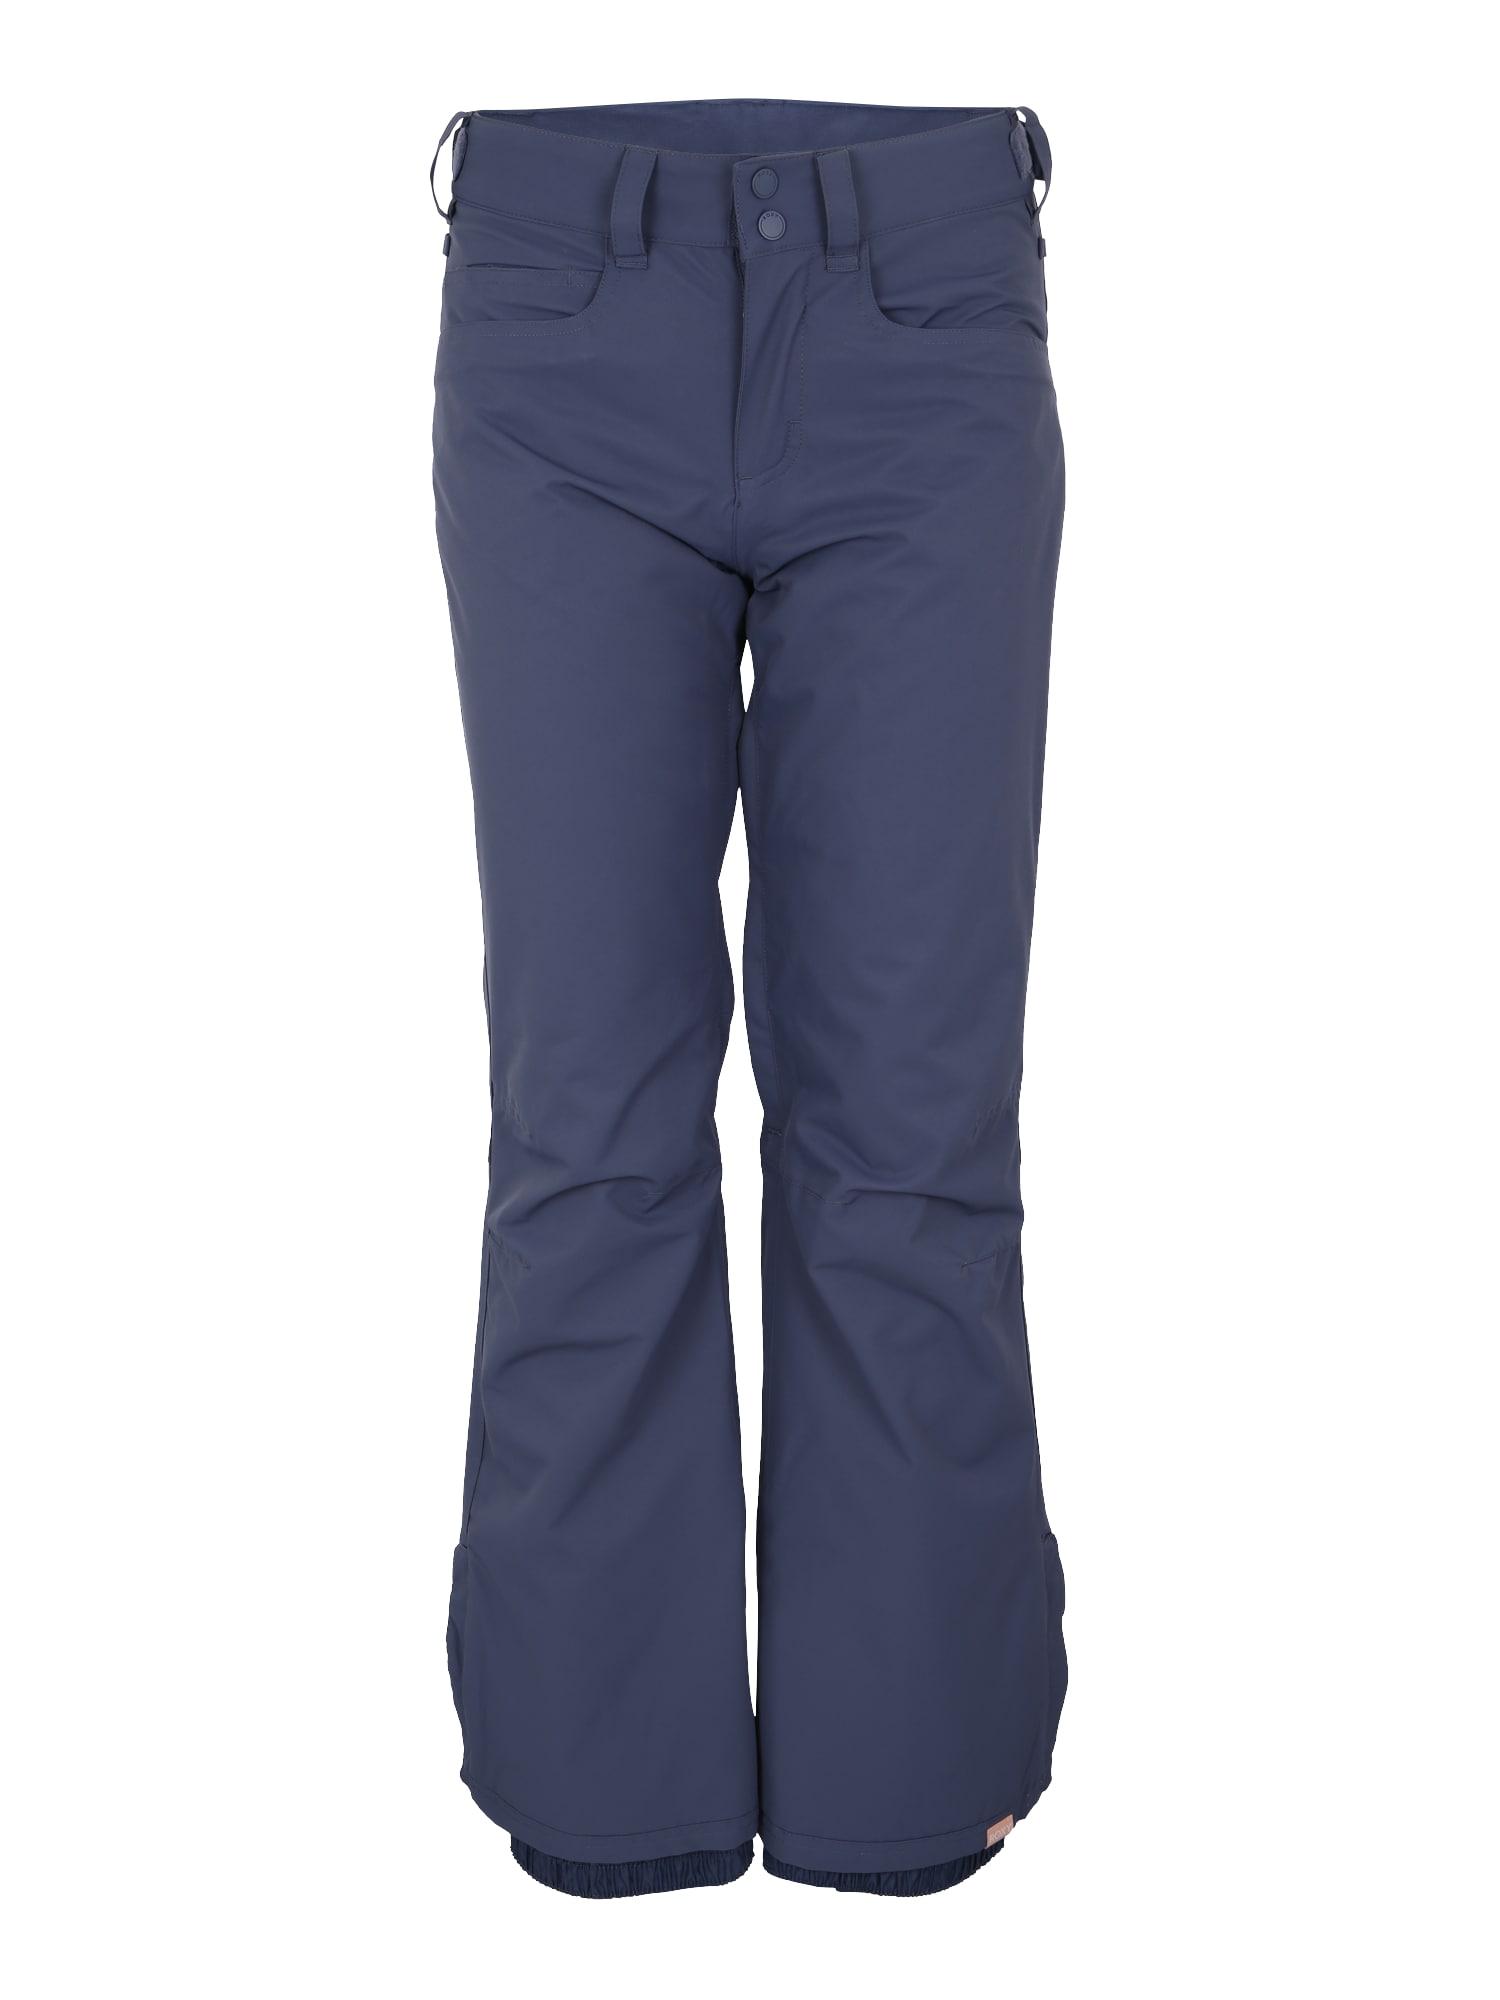 Outdoorové kalhoty BACKYARD modrá tmavě modrá ROXY